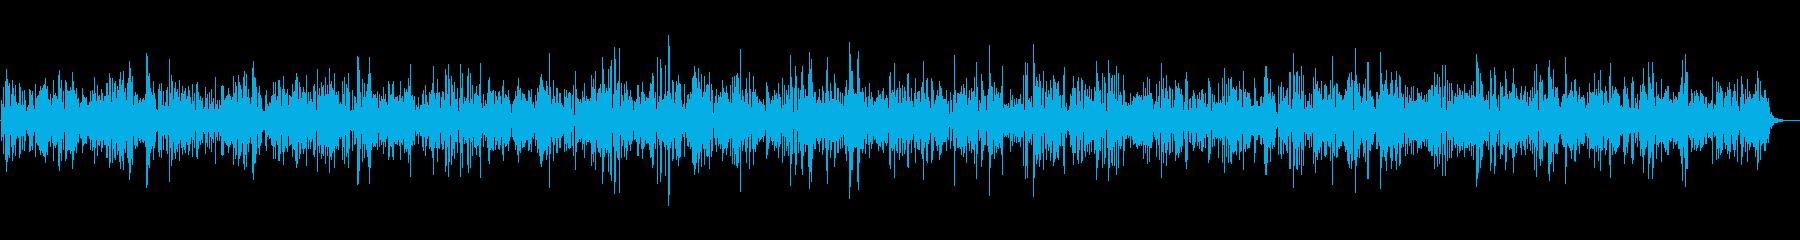 ピアノ|ラウンジ・バーで聴く癒しJAZZの再生済みの波形